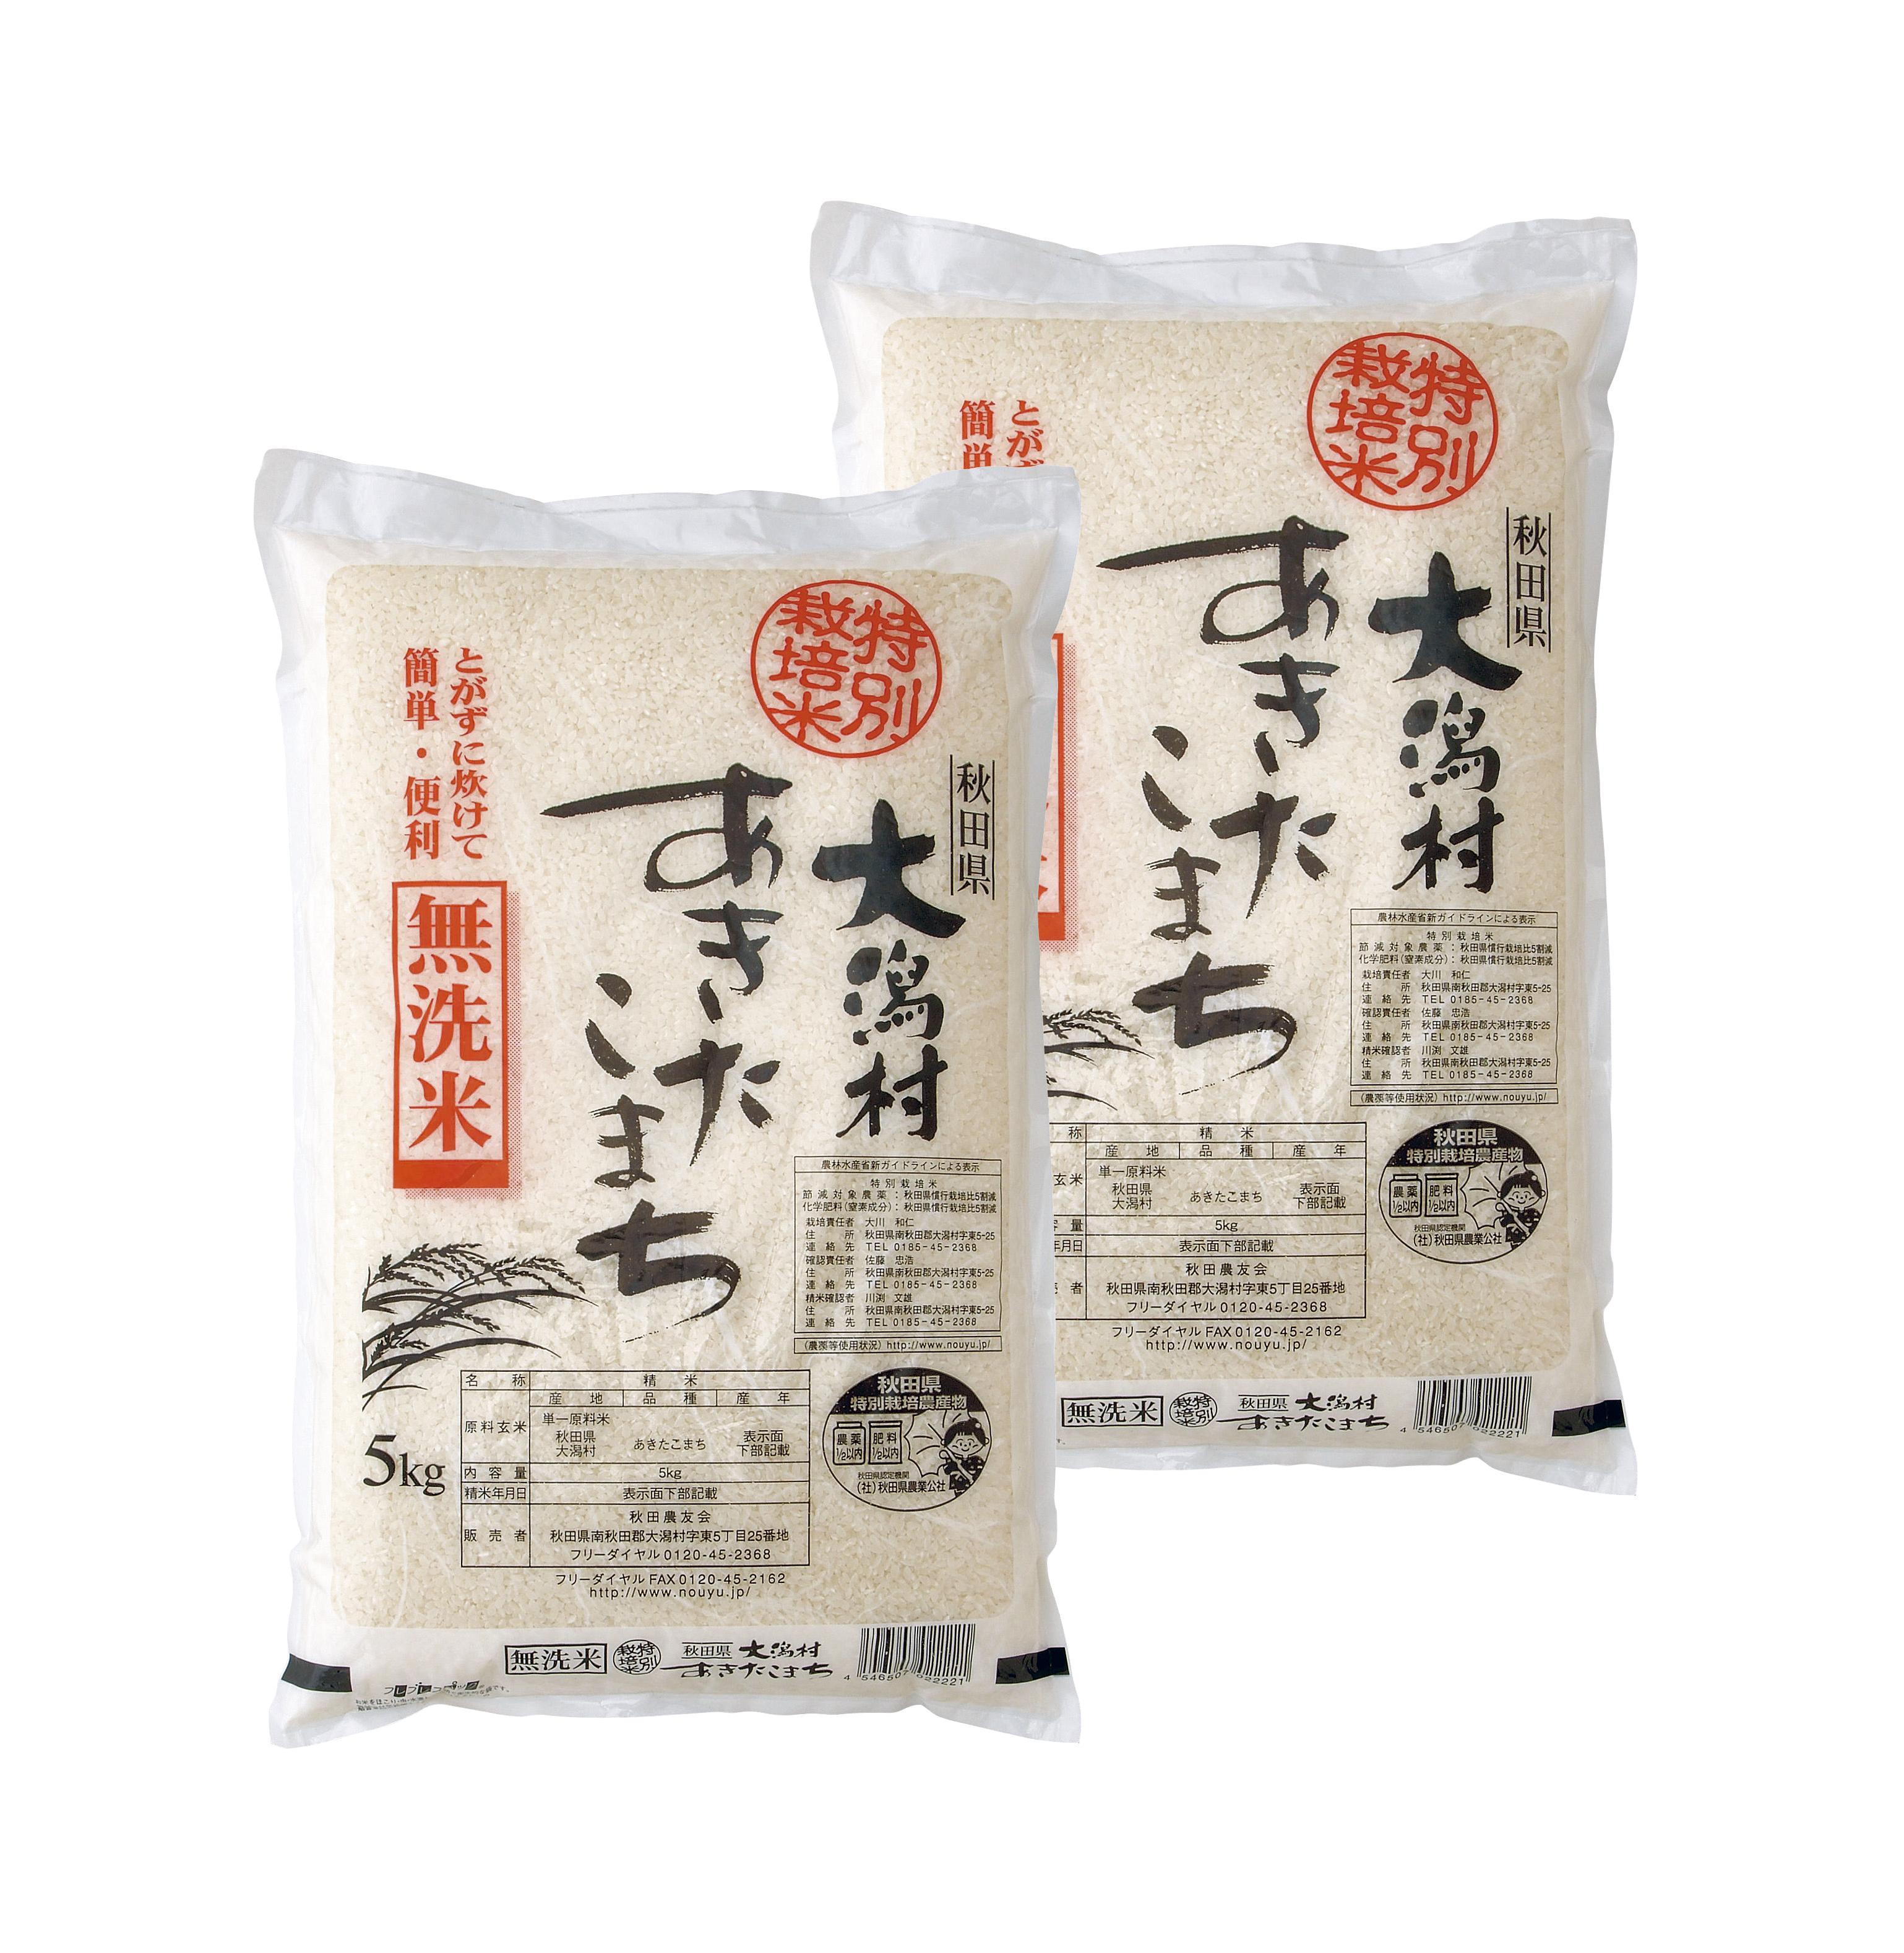 【秋田県】秋田県大潟村産 特別栽培米あきたこまち(無洗米) 10kg(5kg×2)